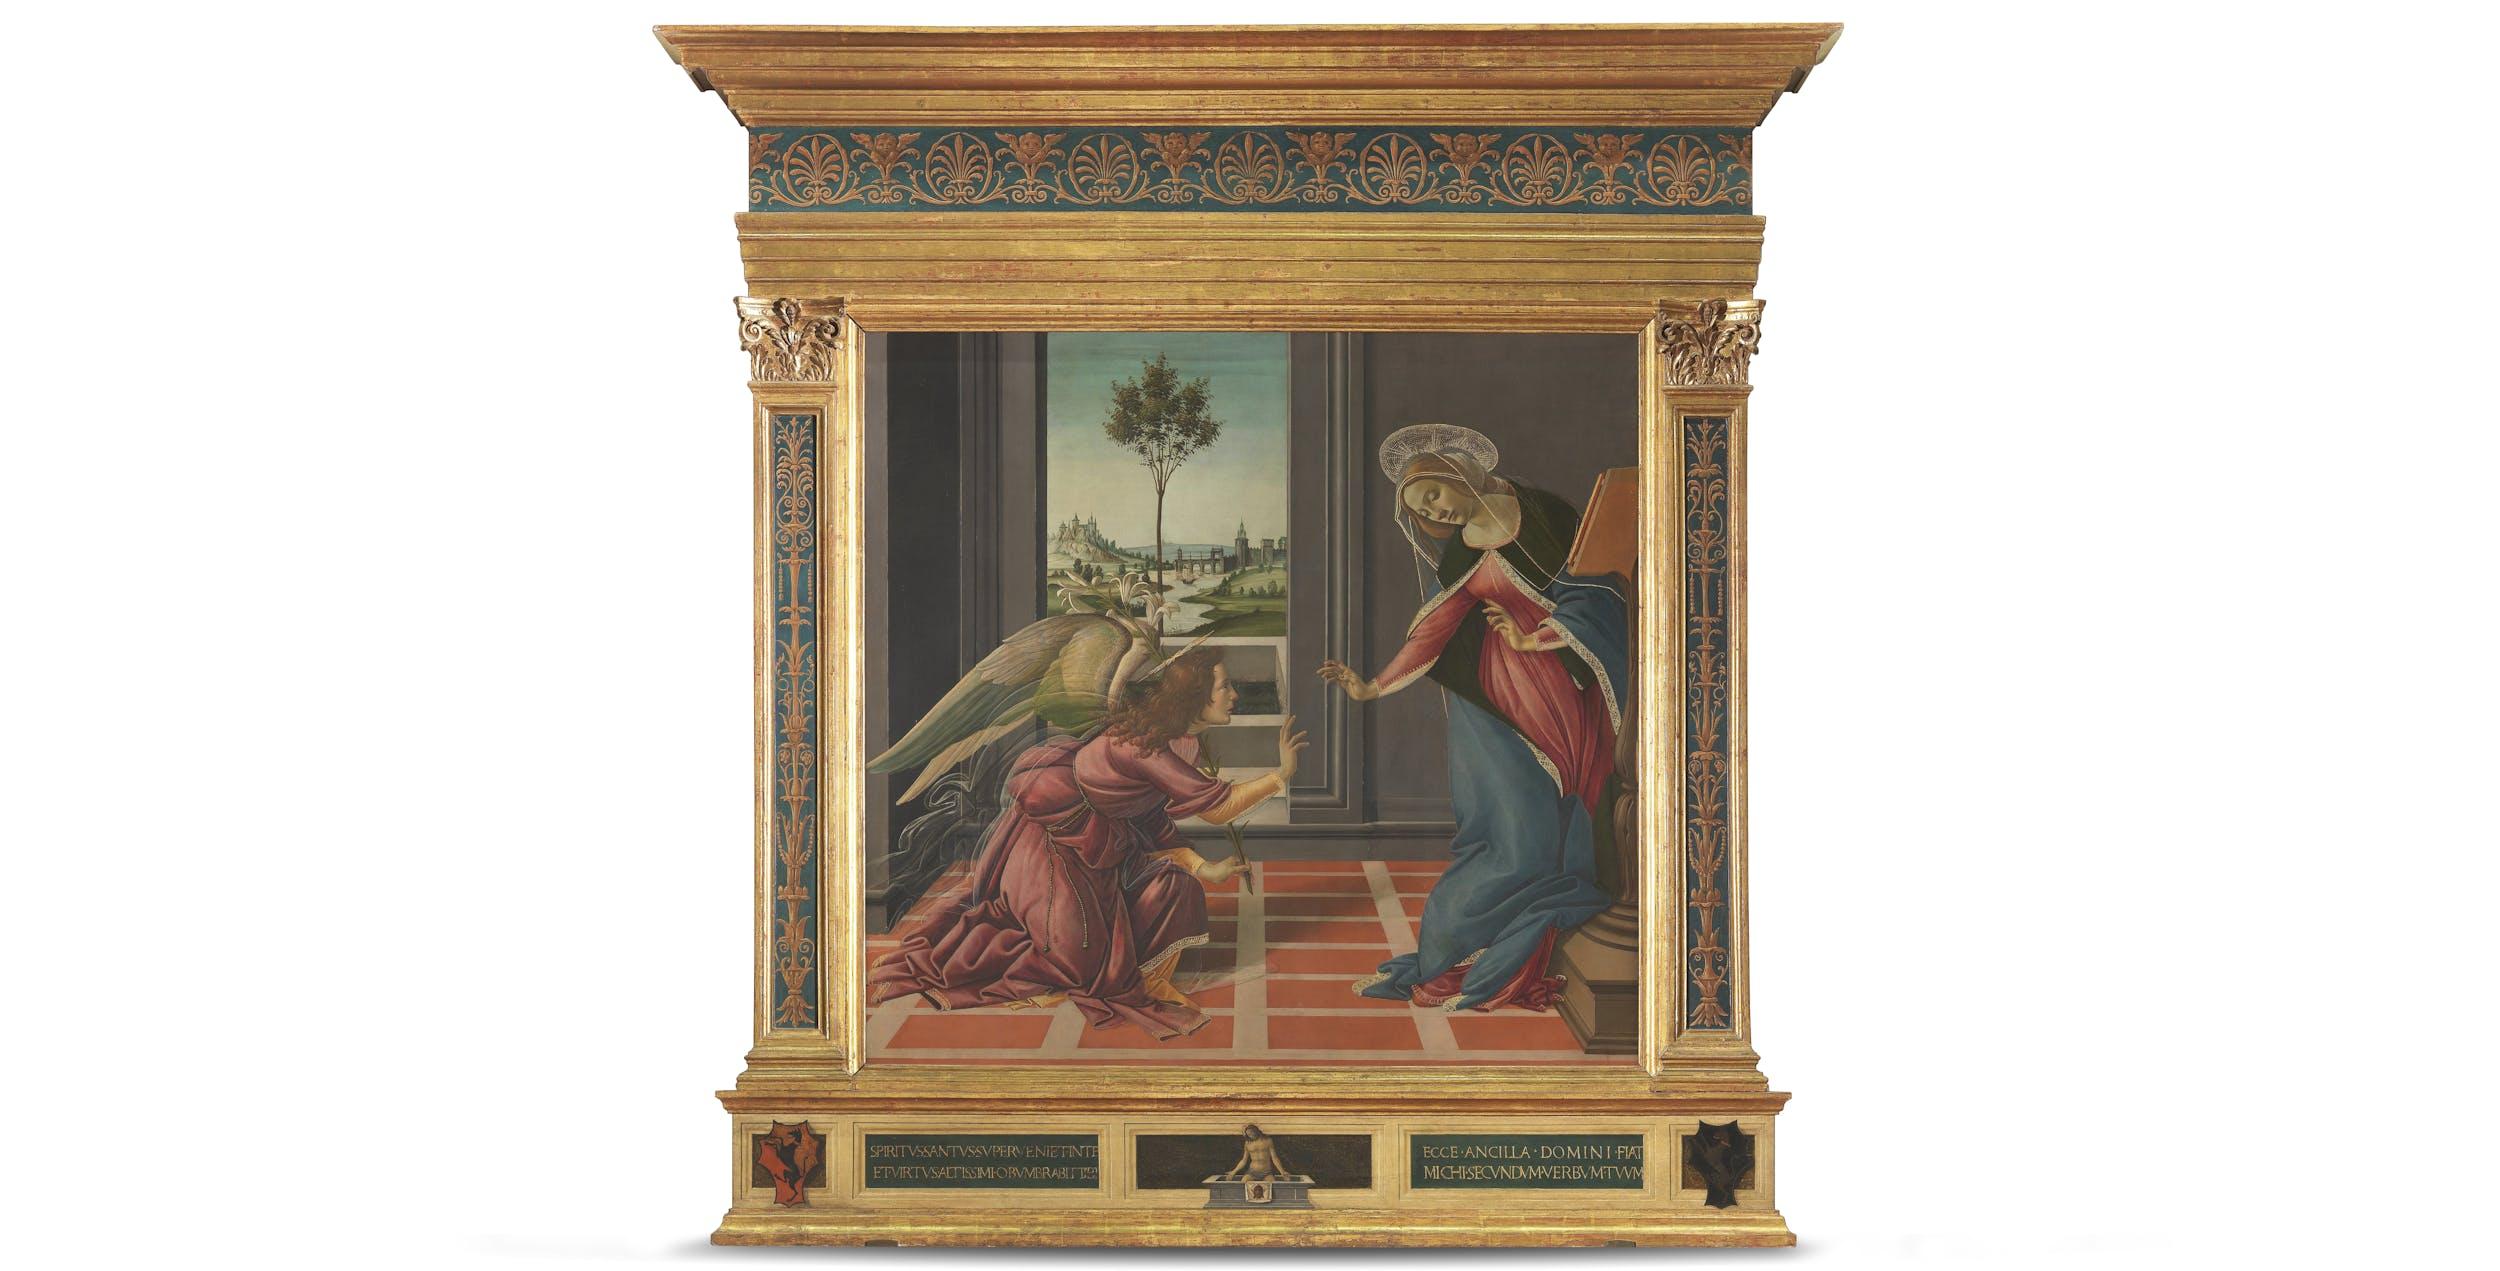 Sandro Botticelli, L'Annunciazione di Cestello e Cristo in Pietà I Sandro Botticelli, The Cestello Annunciation and Pietà